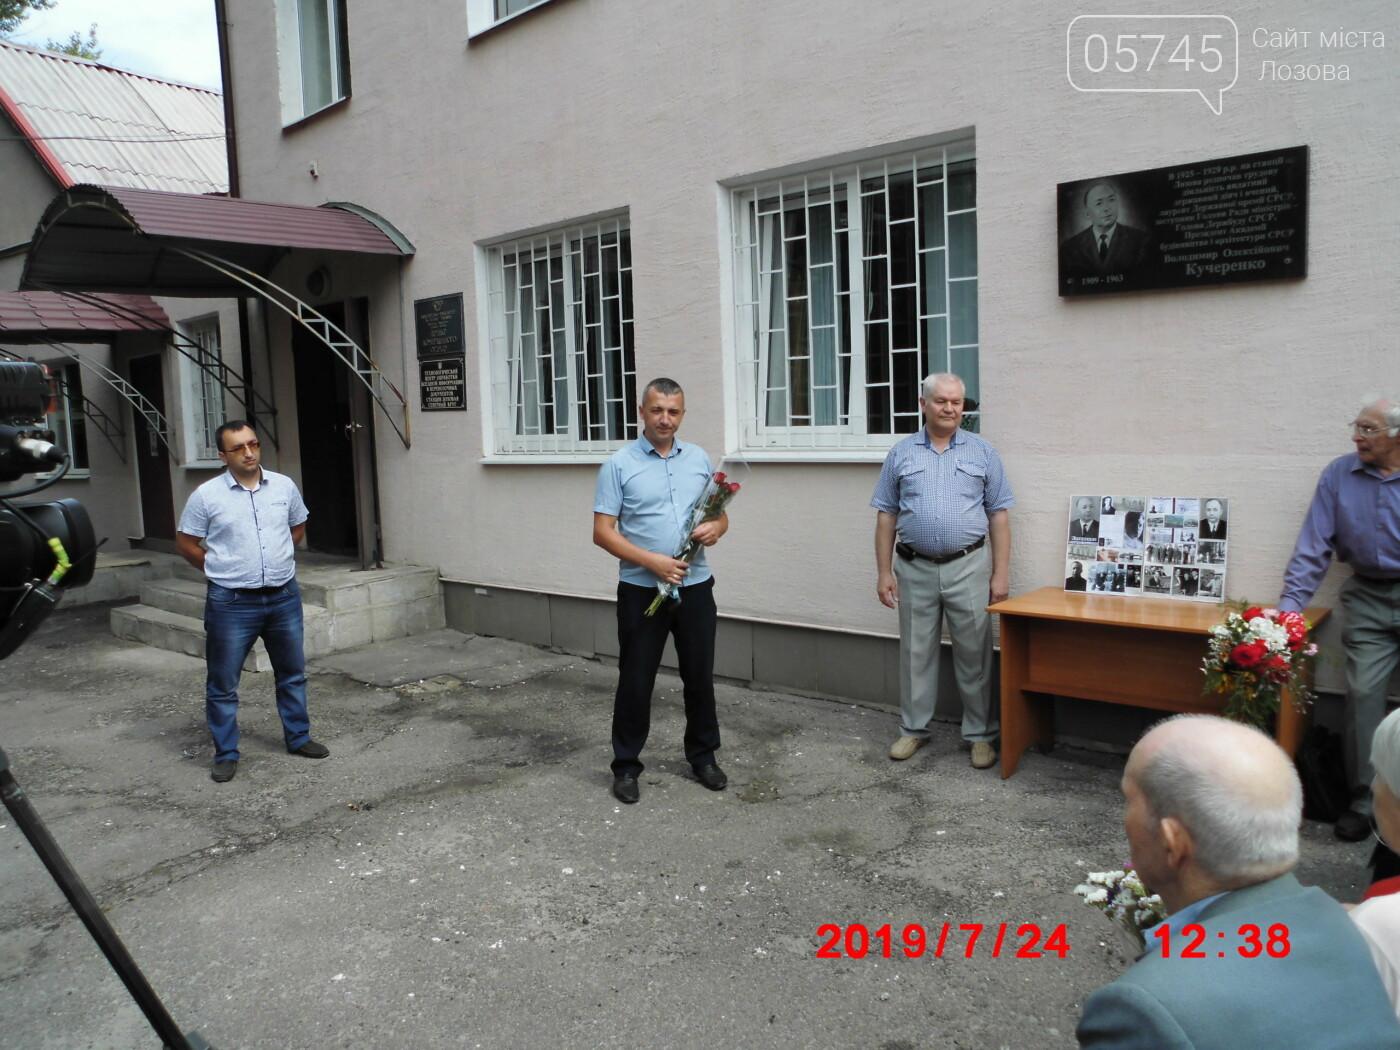 В Лозовой почтили память выдающегося государственного деятеля Владимира Кучеренко, фото-6